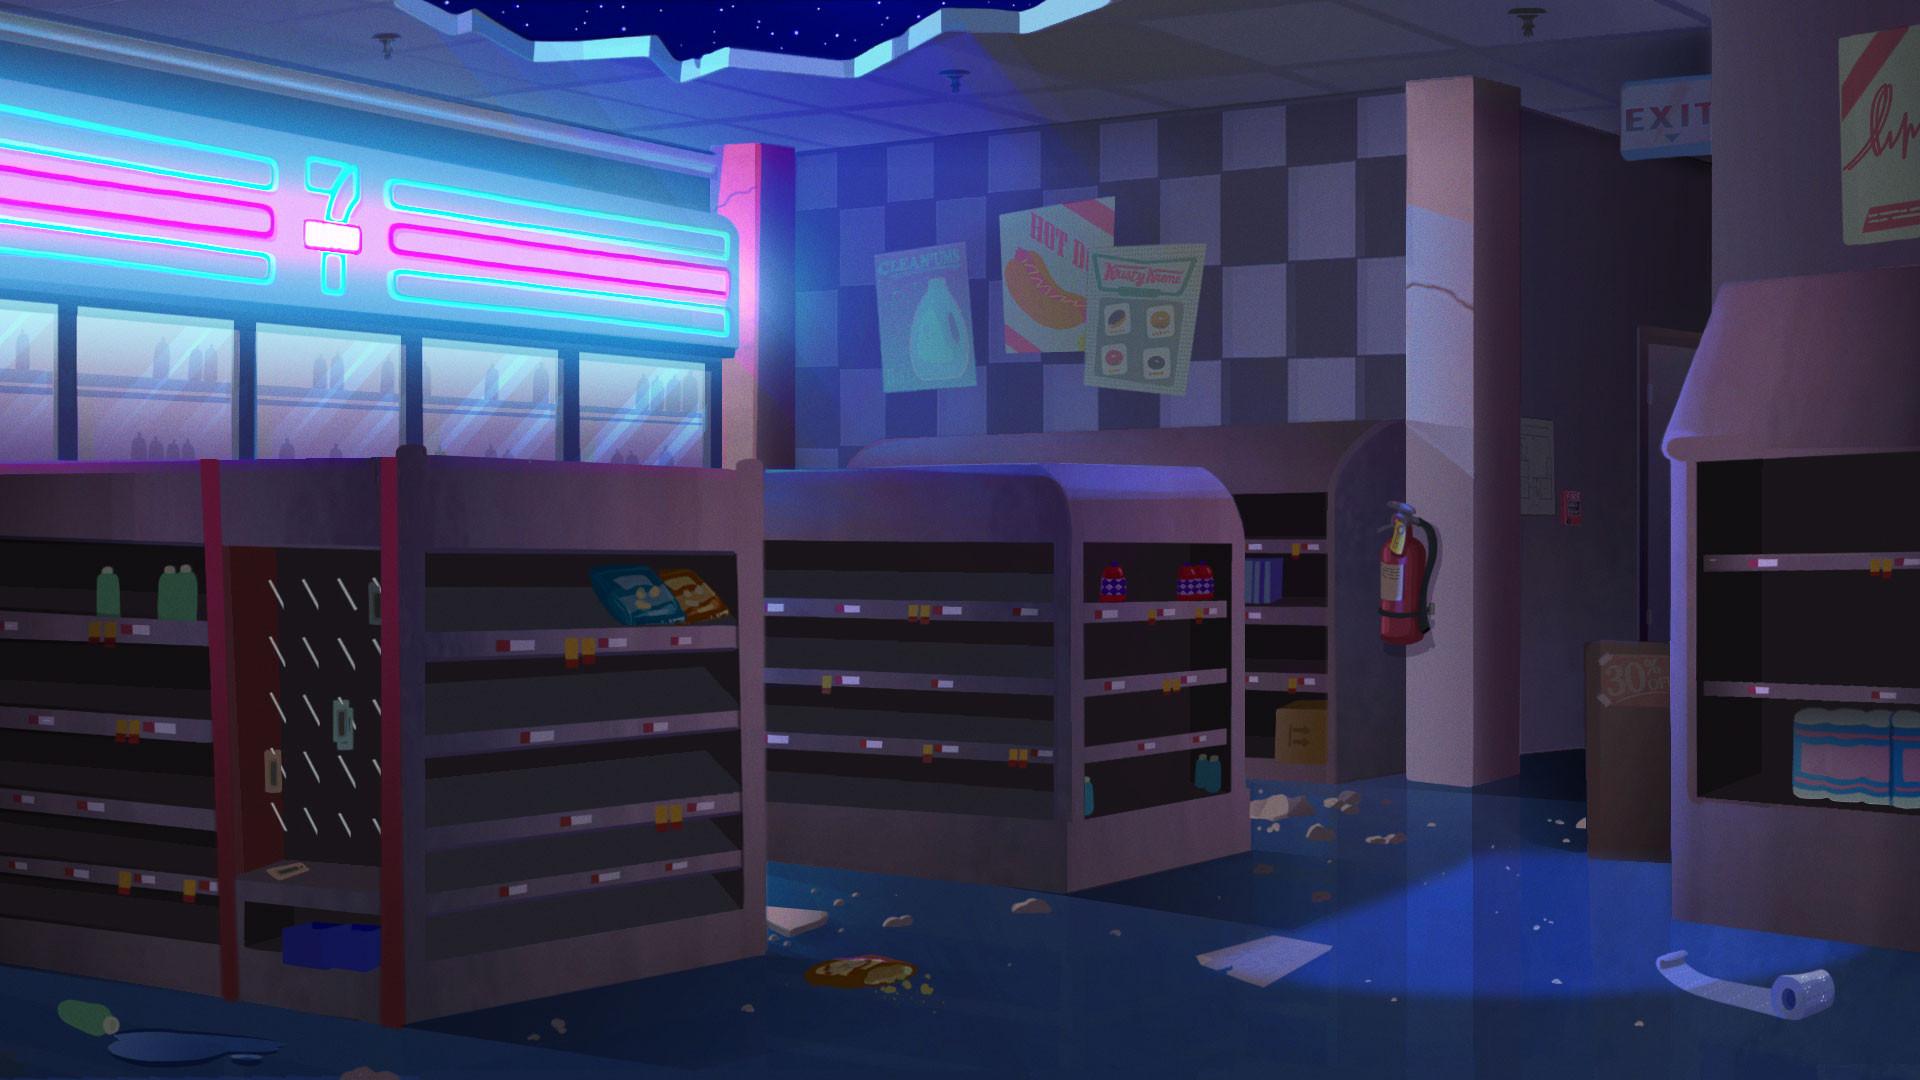 LKoE---Gas-Station-Interior-website.jpg